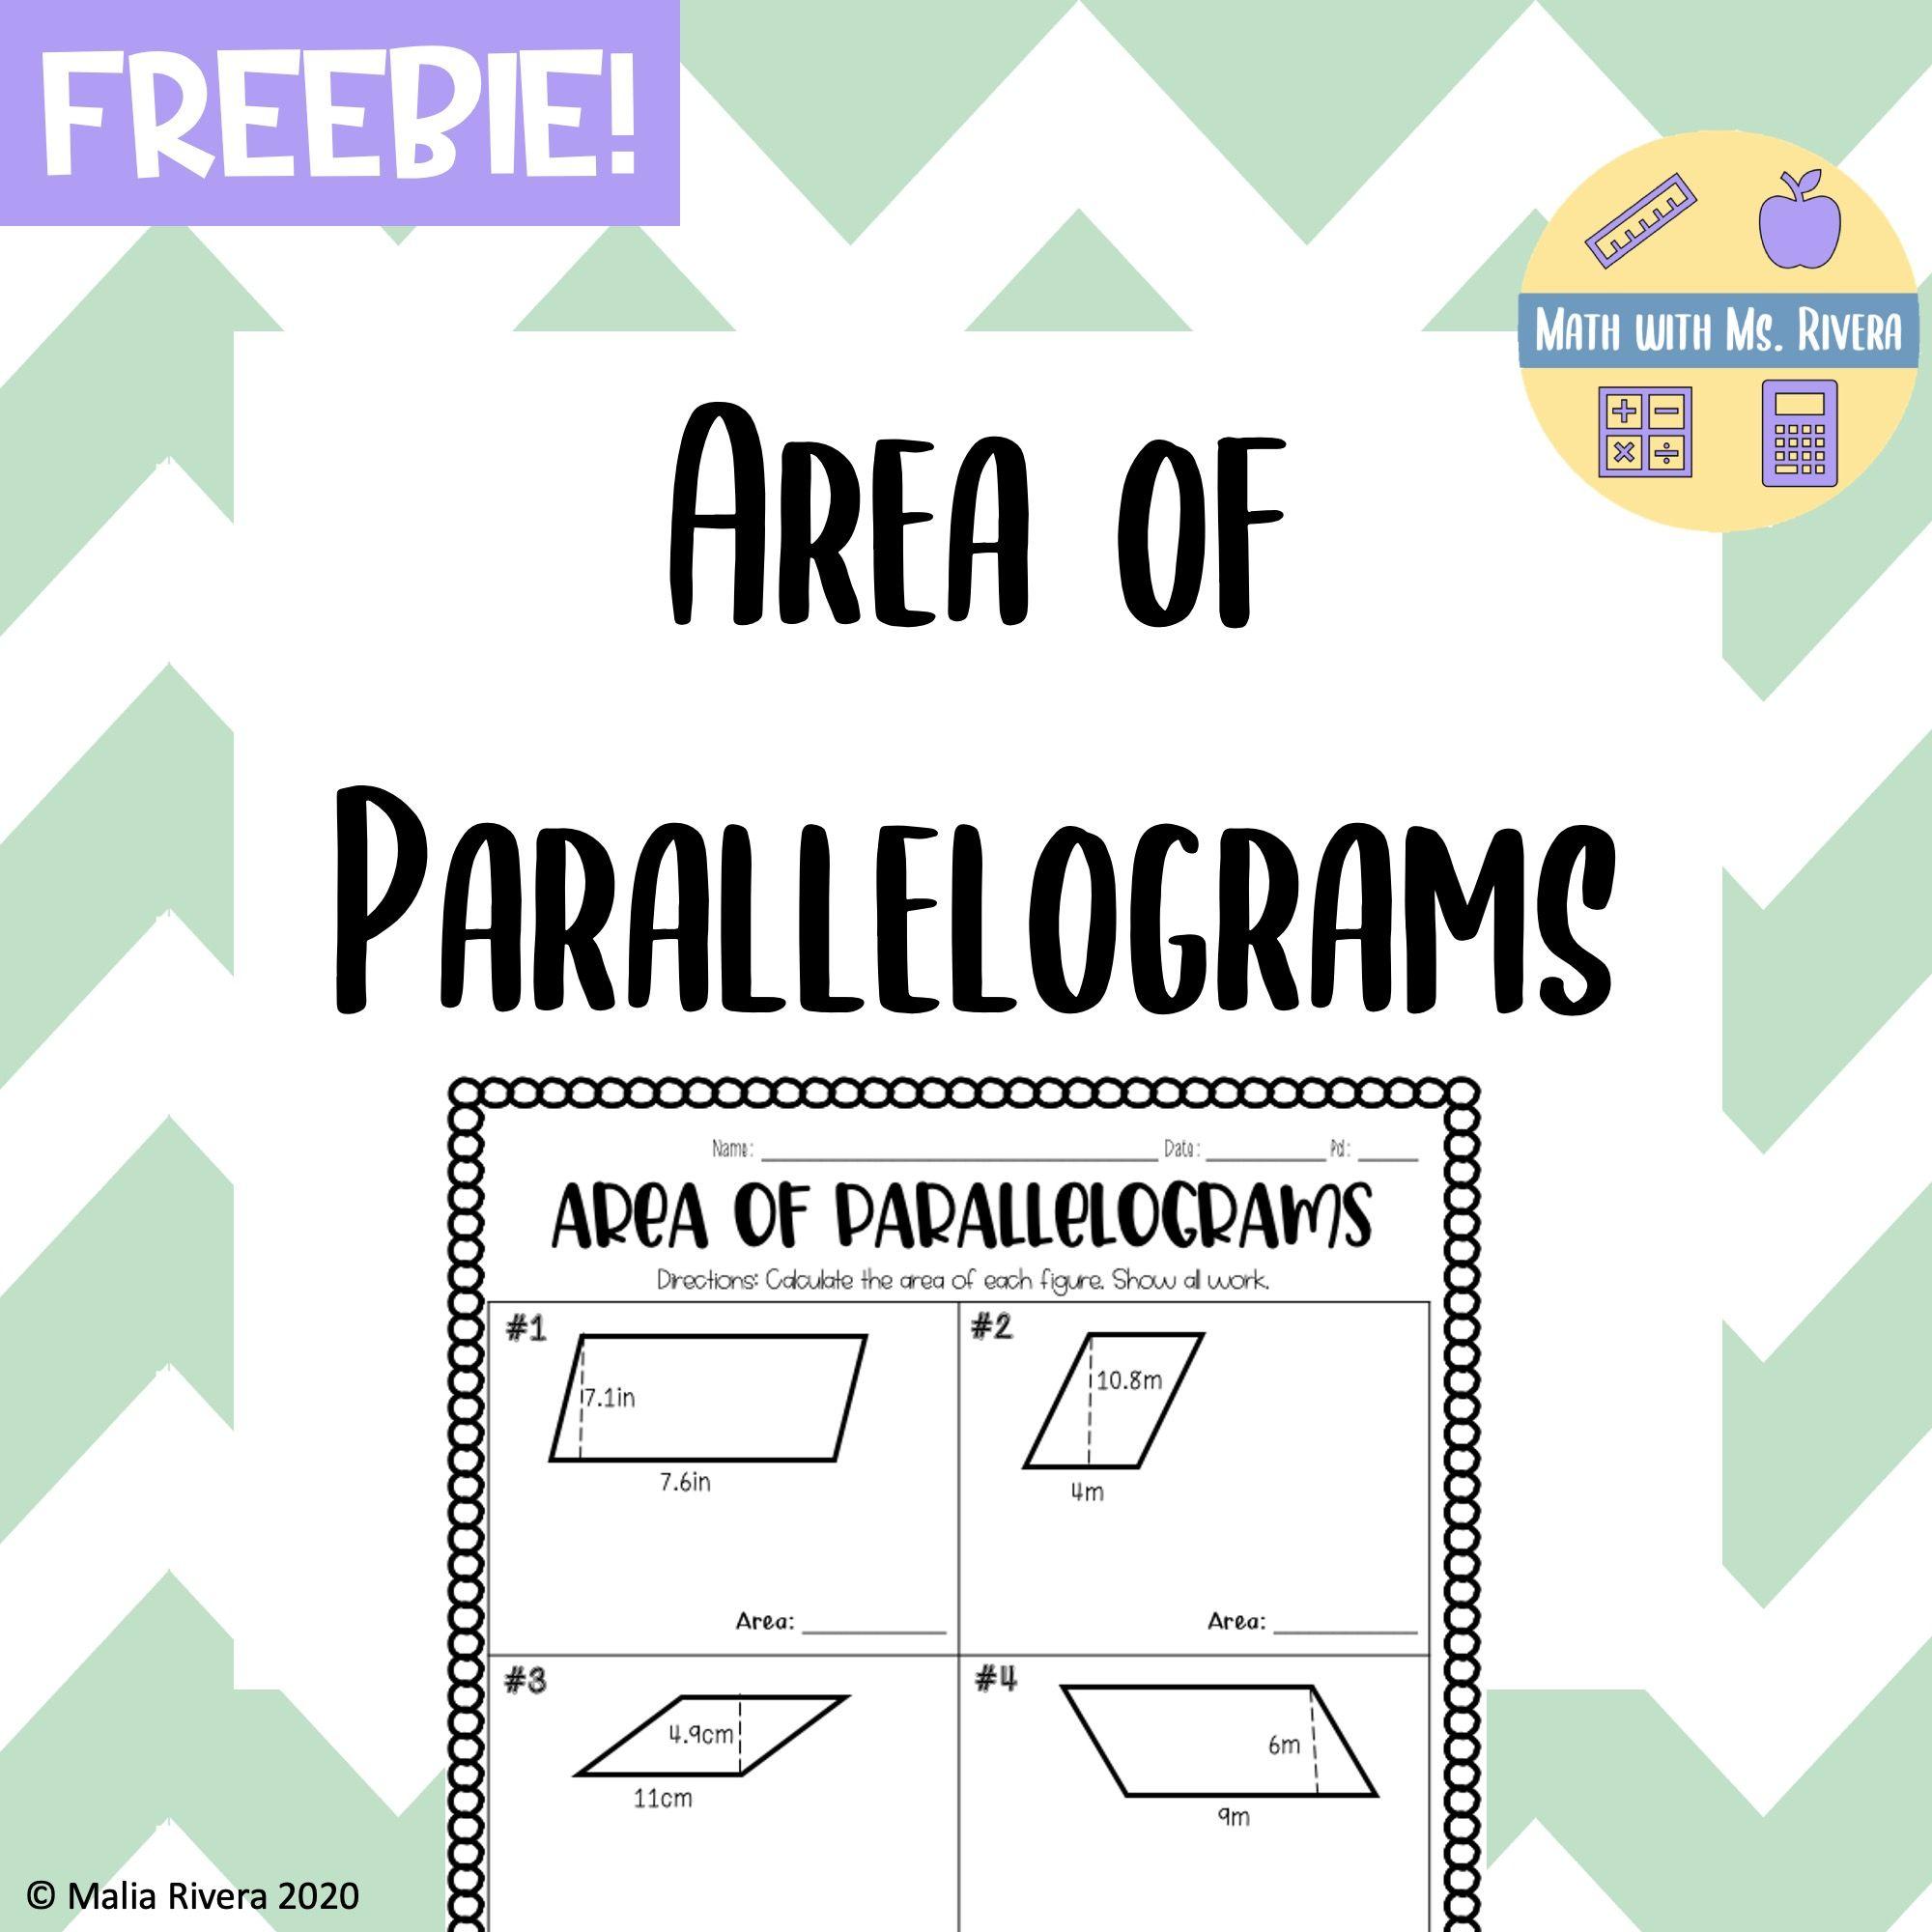 Area of Parallelograms Worksheet - FREEBIE in 2020   Worksheets [ 2000 x 2000 Pixel ]